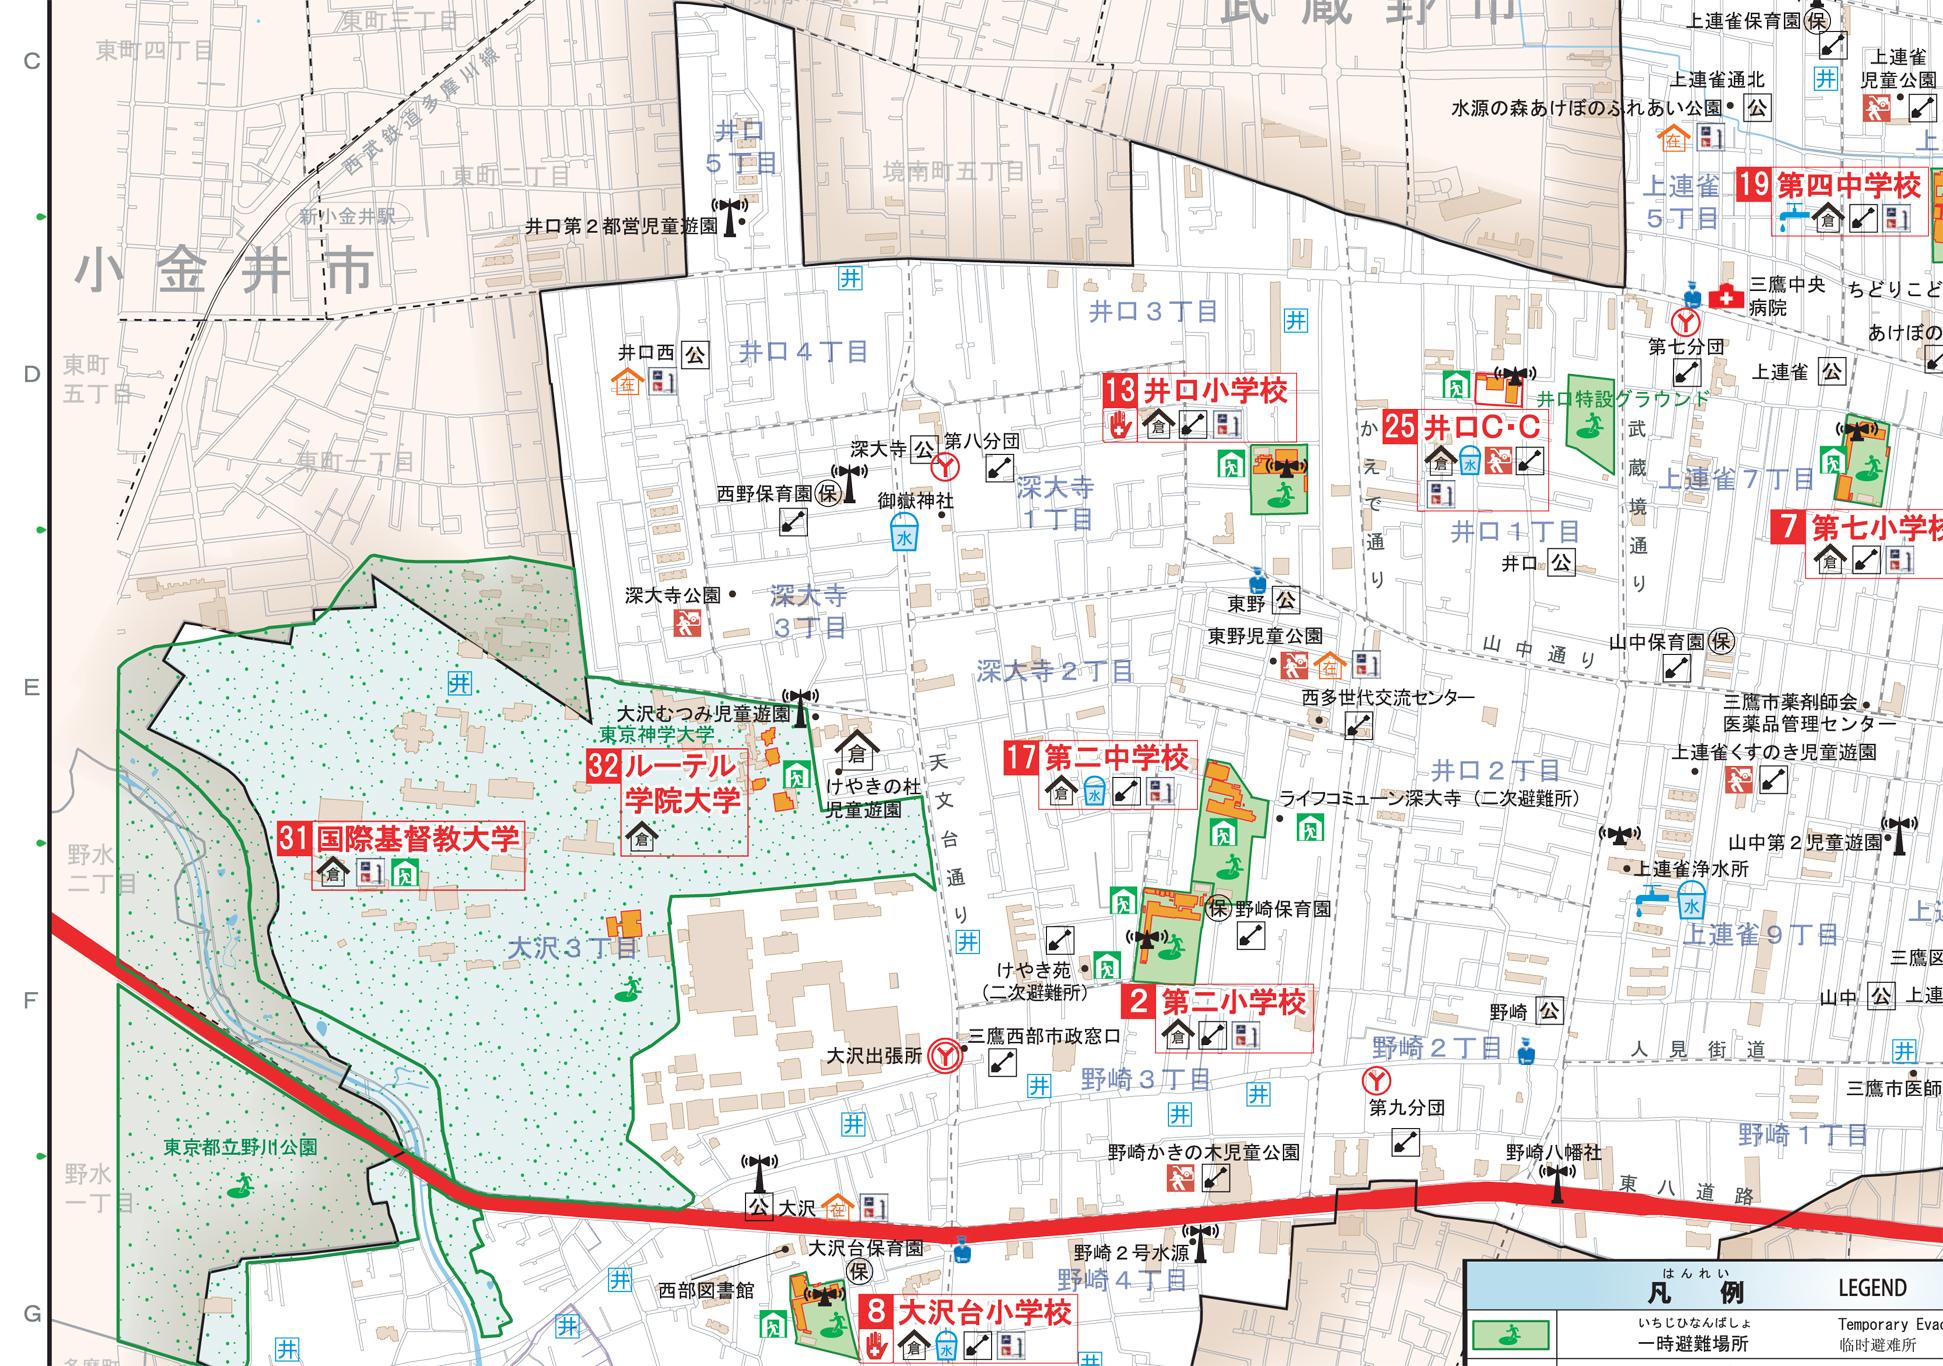 三鷹 市 ハザード マップ 浸水リスク検索サービス